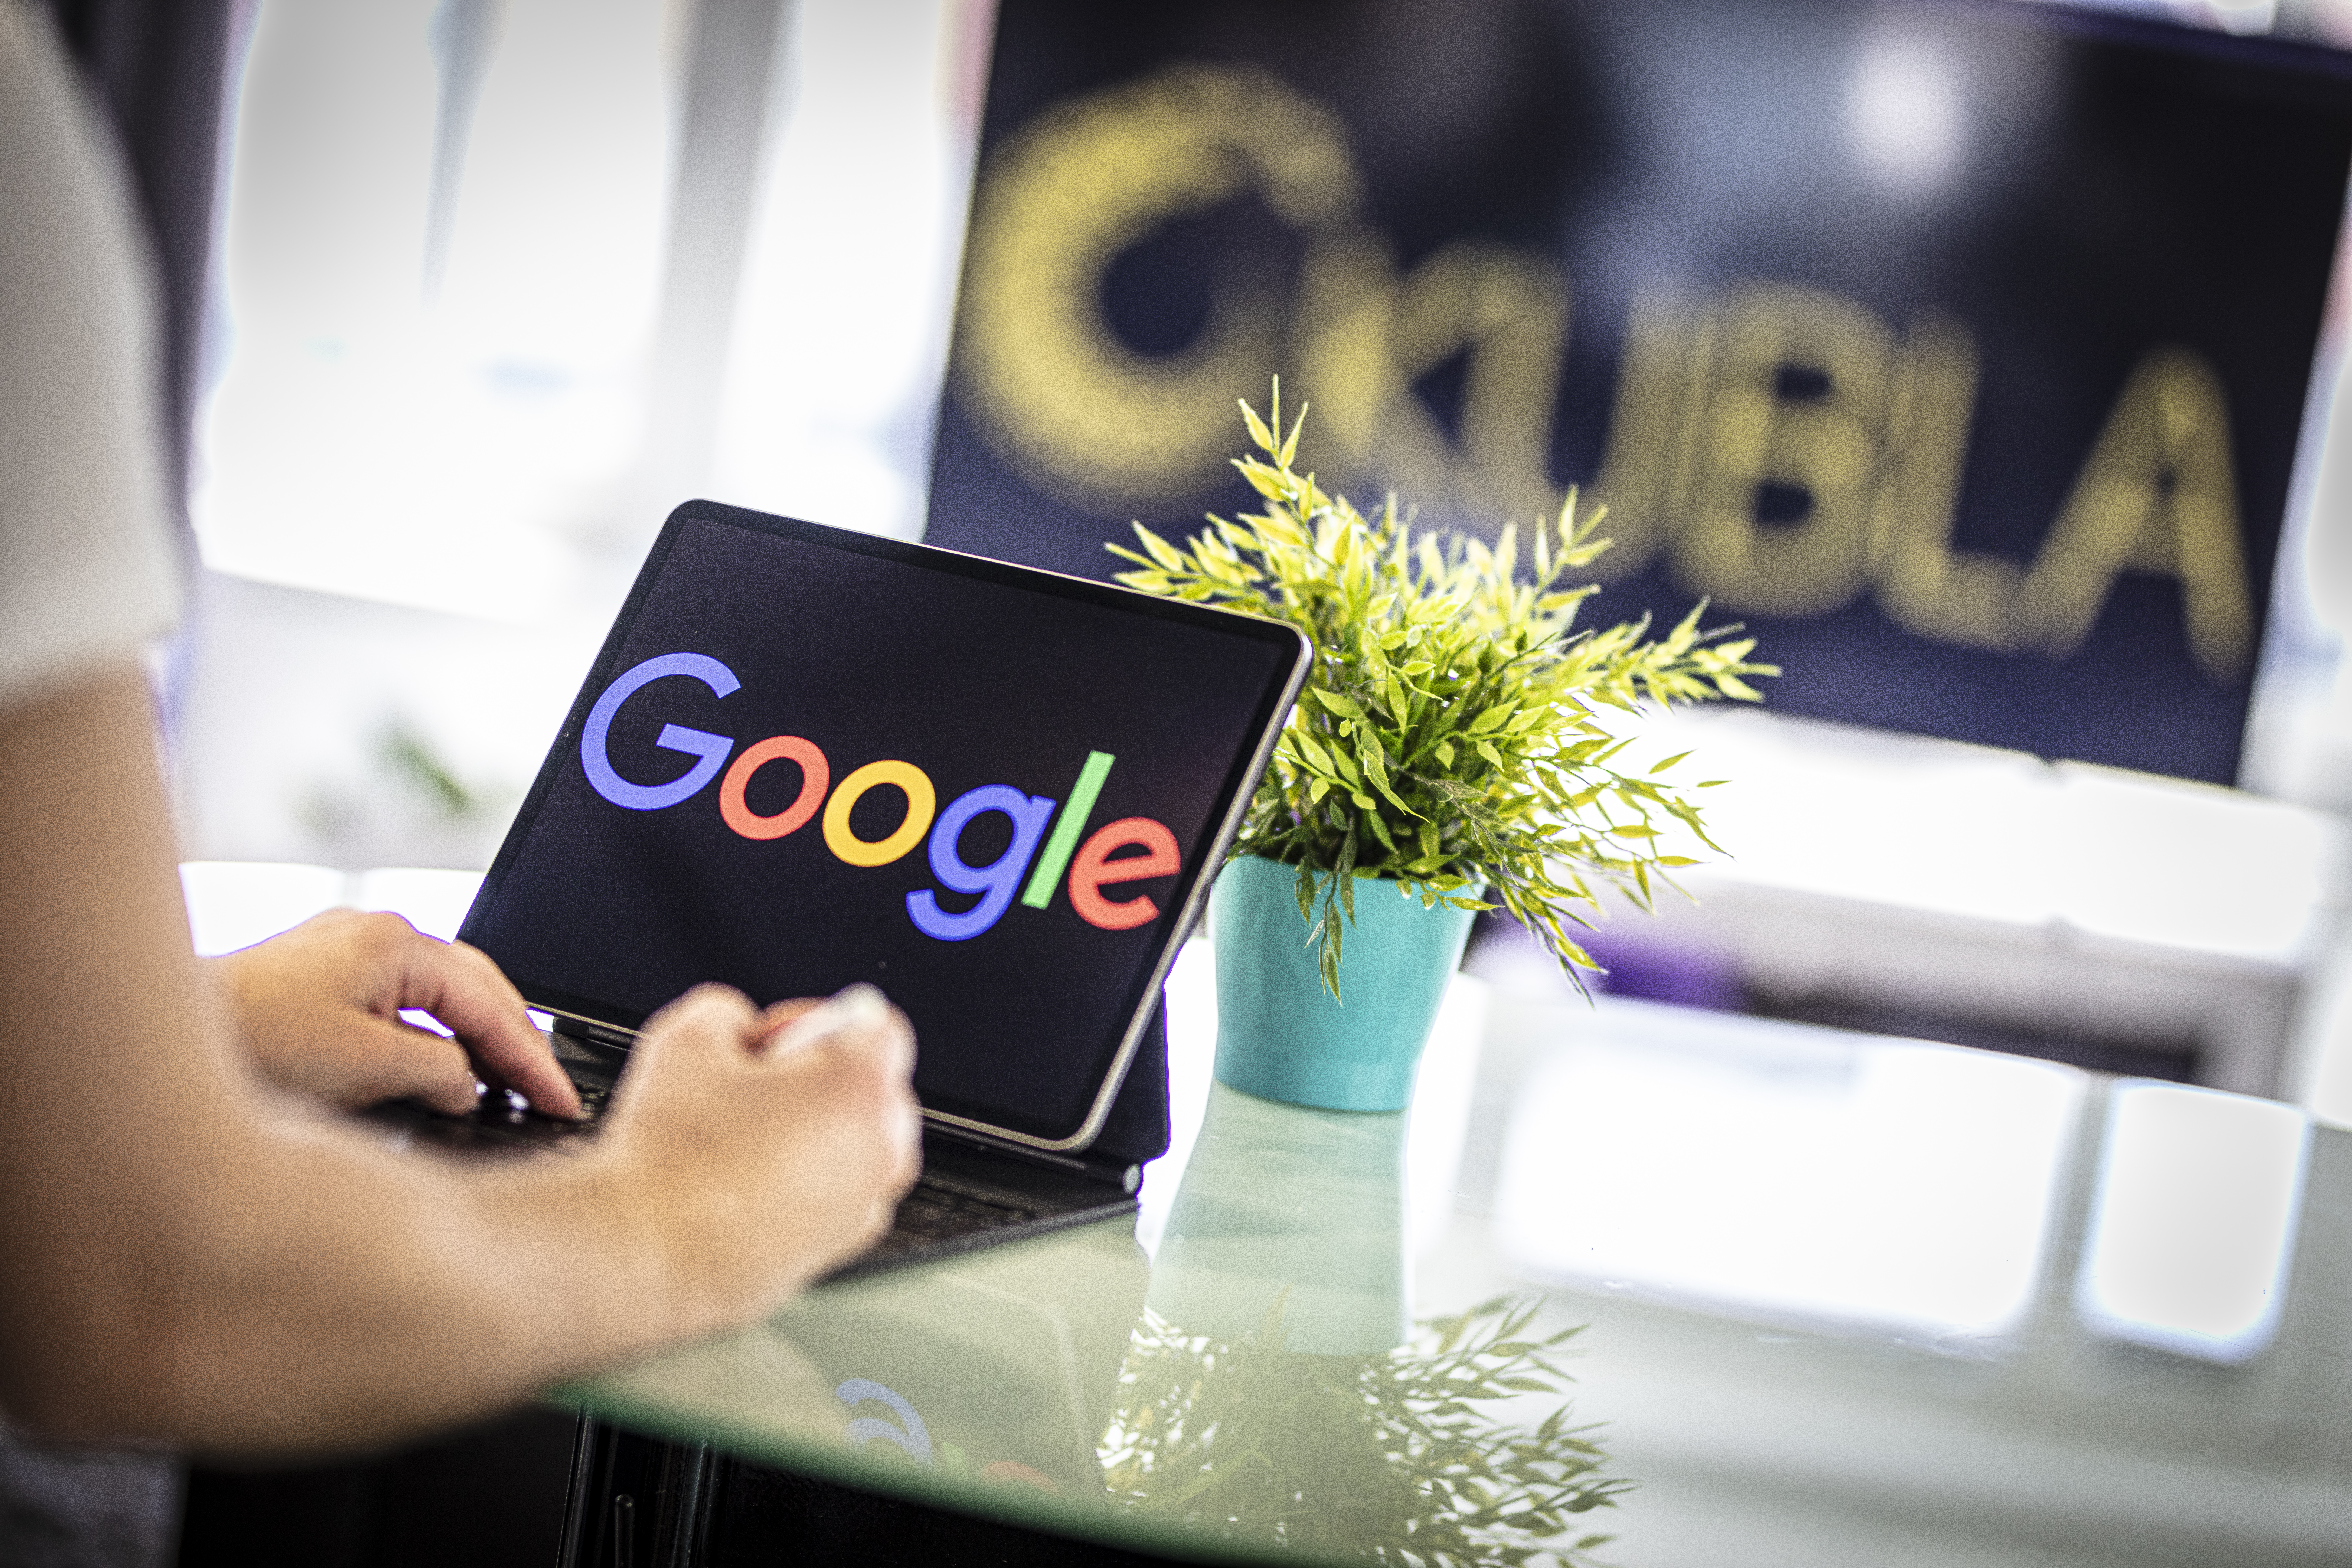 Googlen reaaliaikainen raportti - hyödyllinen apu yrityksellesi